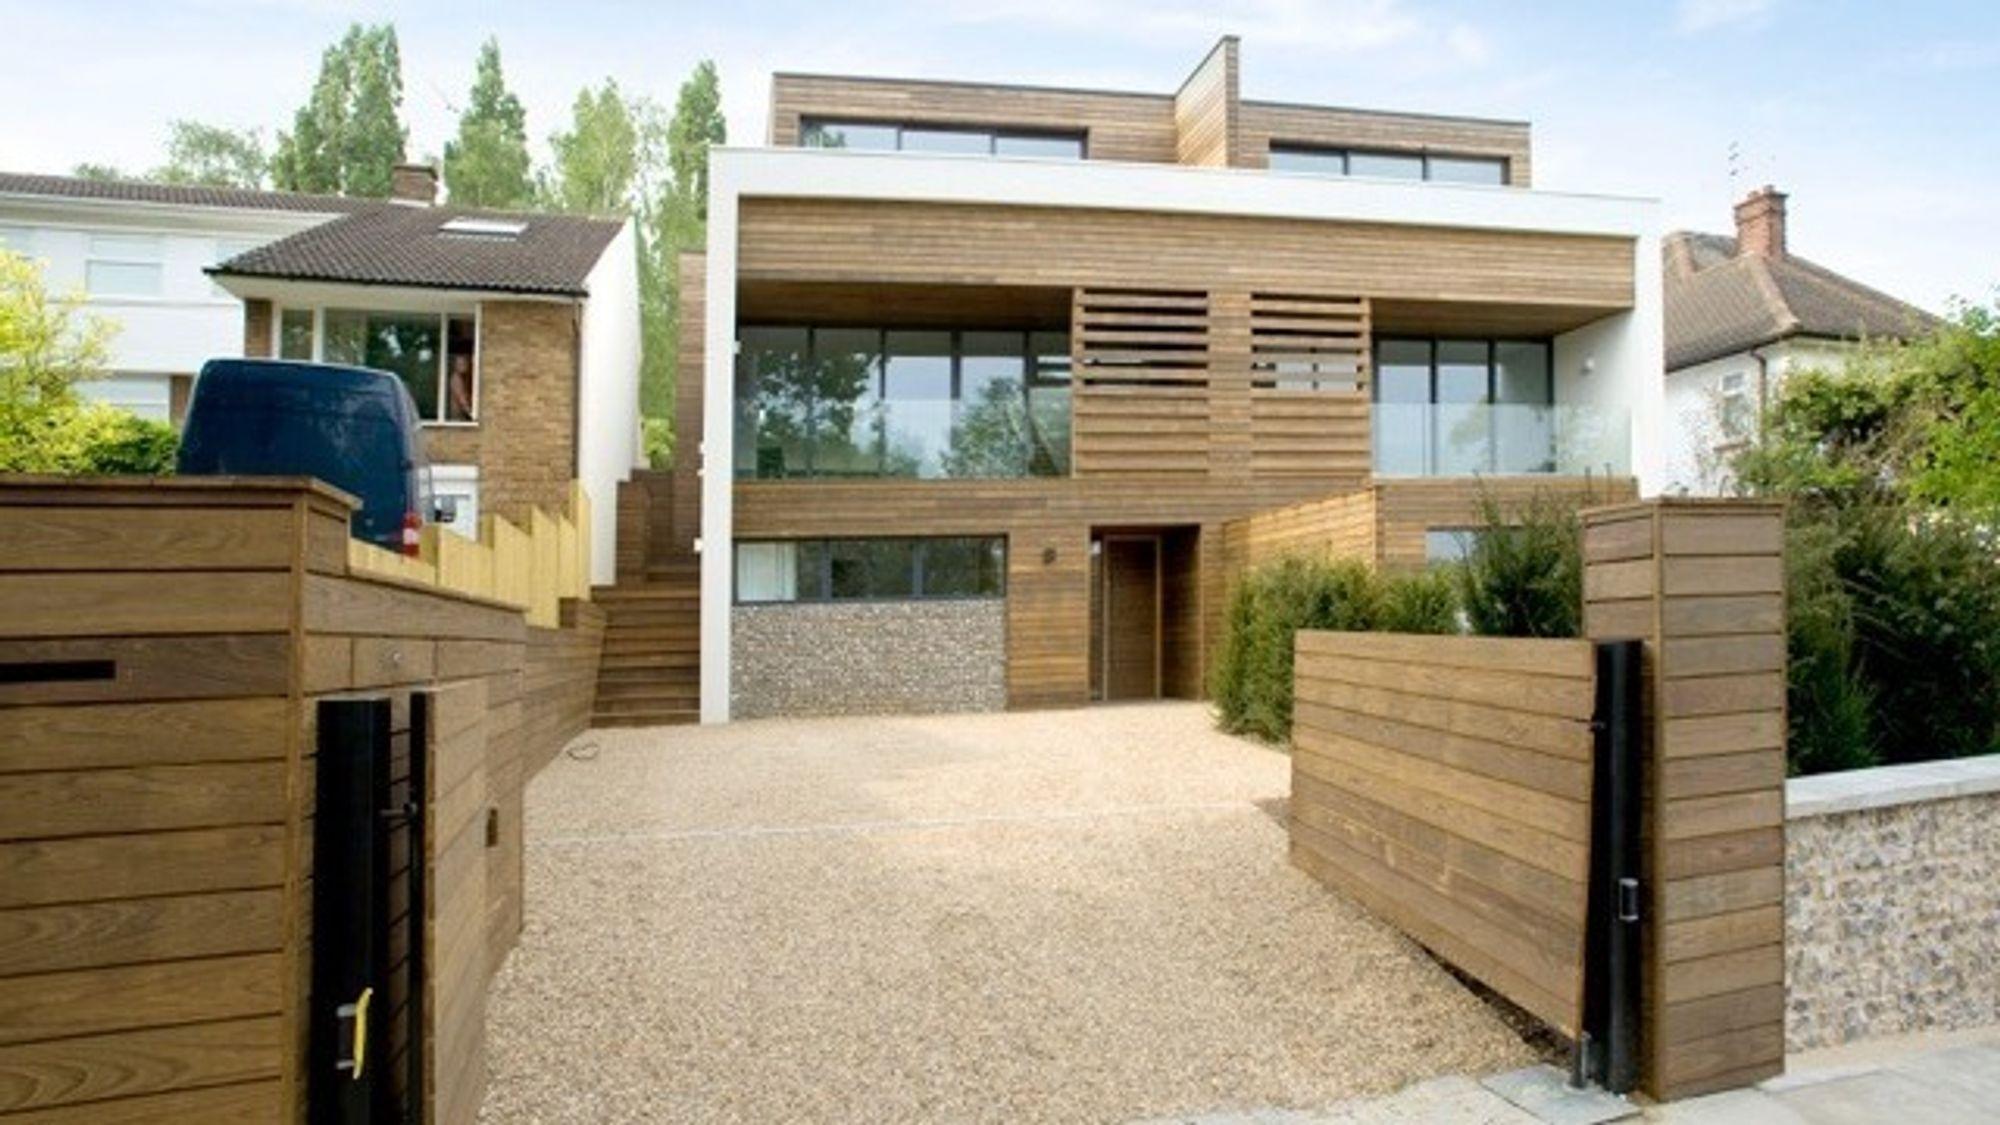 Legal & General Homes planlegger å bygge 3000 prefabrikerte hus i den nye fabrikken hvert år. .